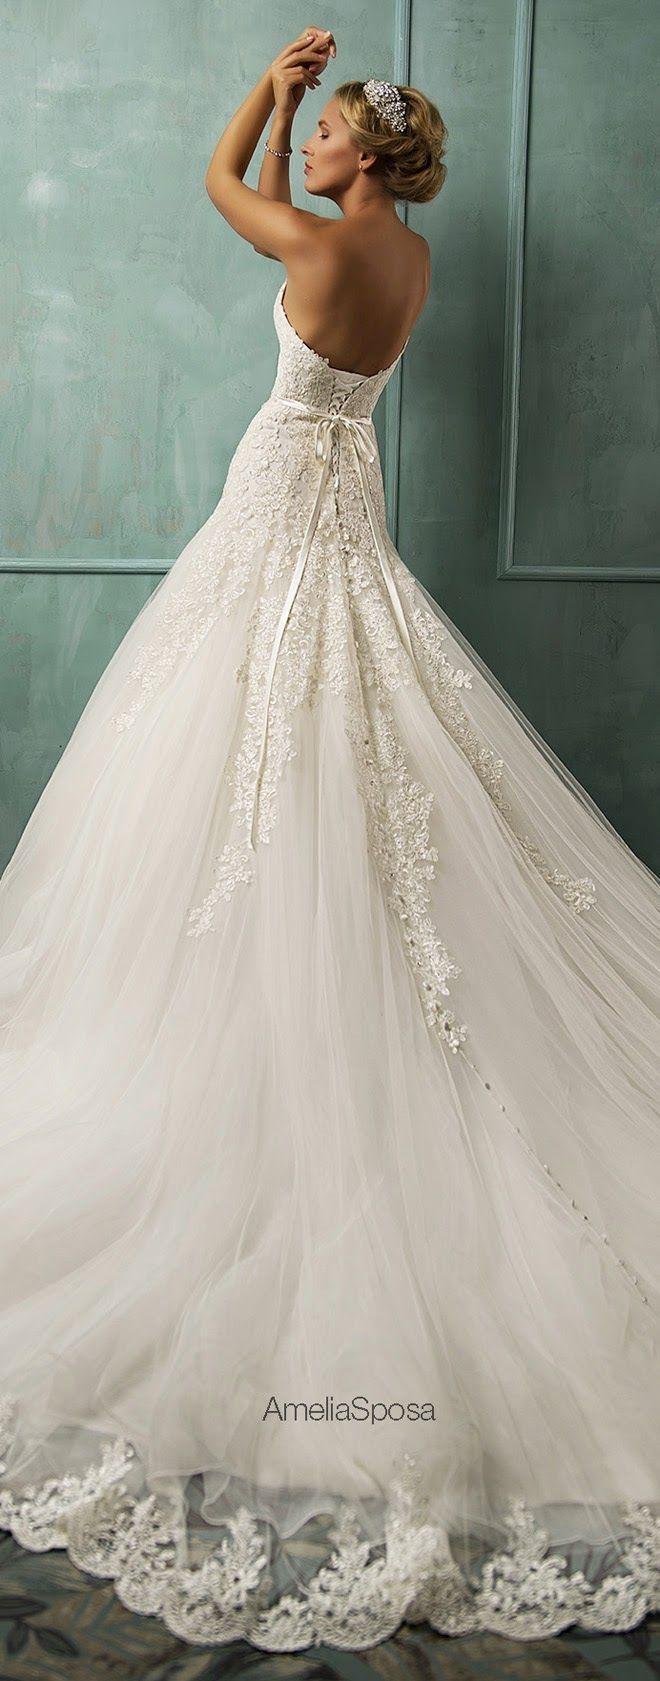 belle robe mariée pas chère dans le 85